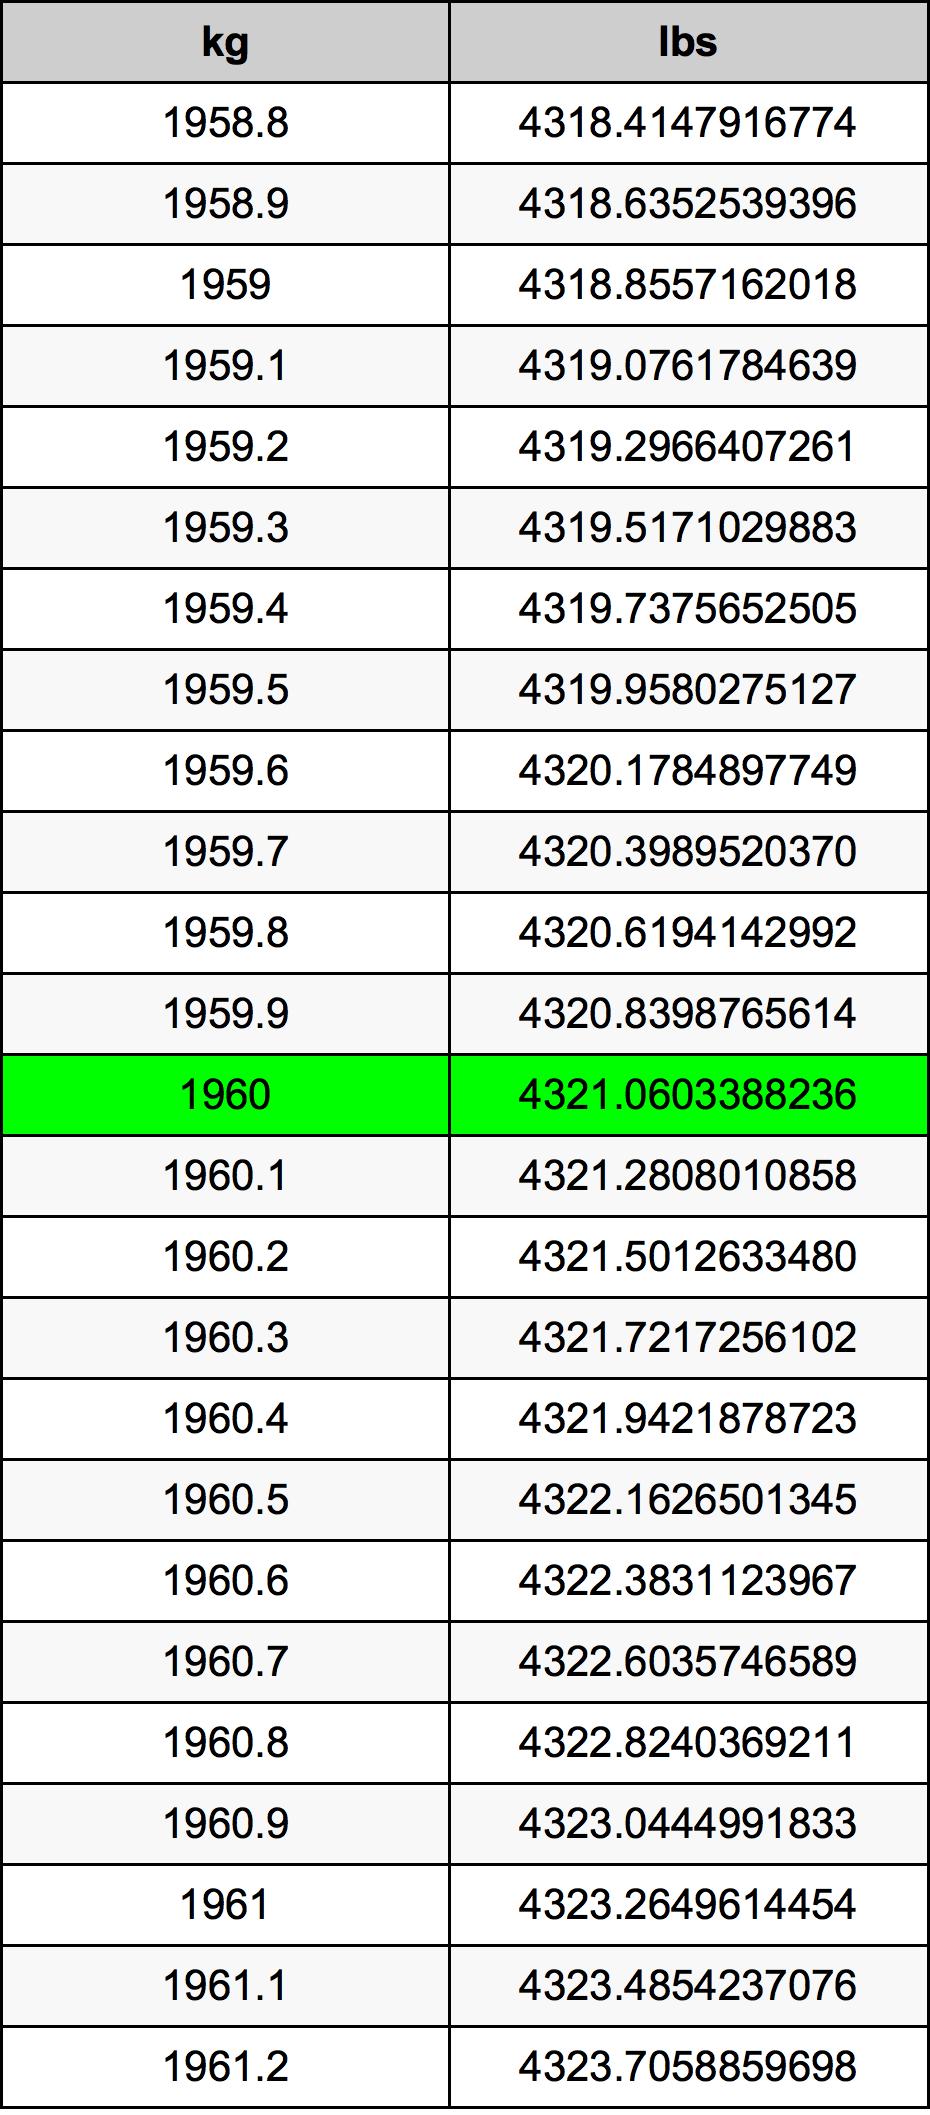 1960 Kilogram převodní tabulka